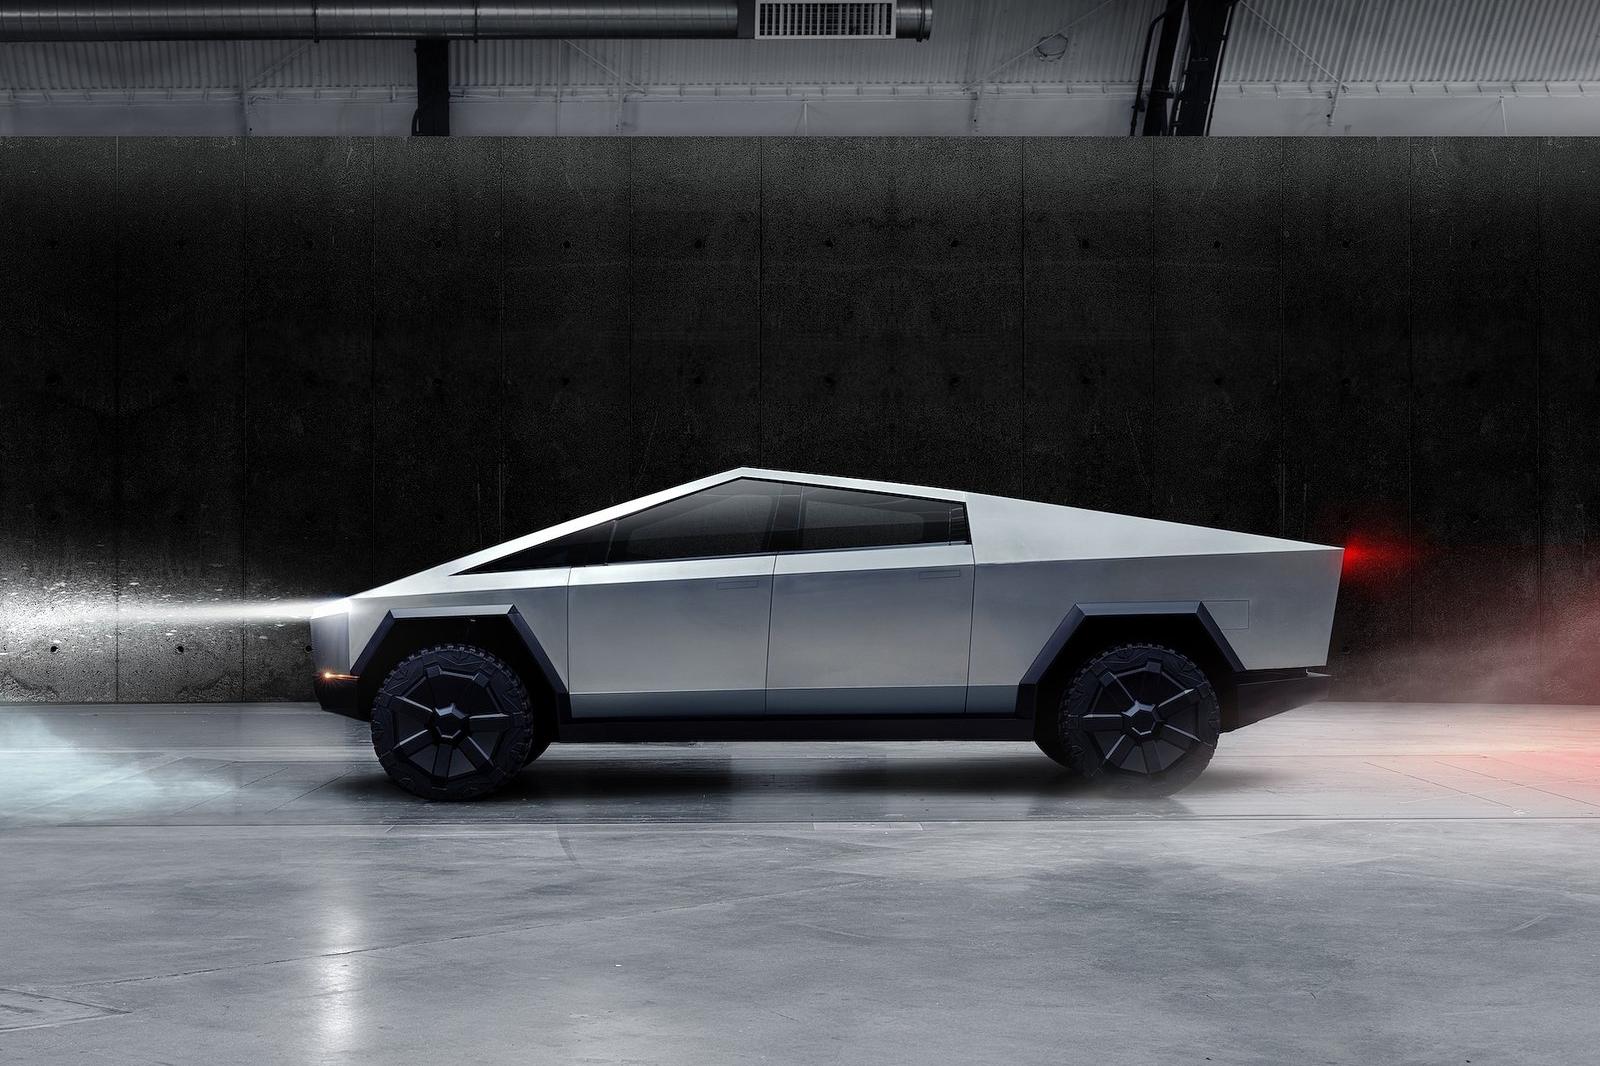 Cybertruck 擁有超高剛性的 Ultra-Hard 30X 冷軋不鏽鋼車體、裝甲玻璃、高達 14,000 磅的拖曳能力、3,500 磅車床負重以及氣壓懸吊。